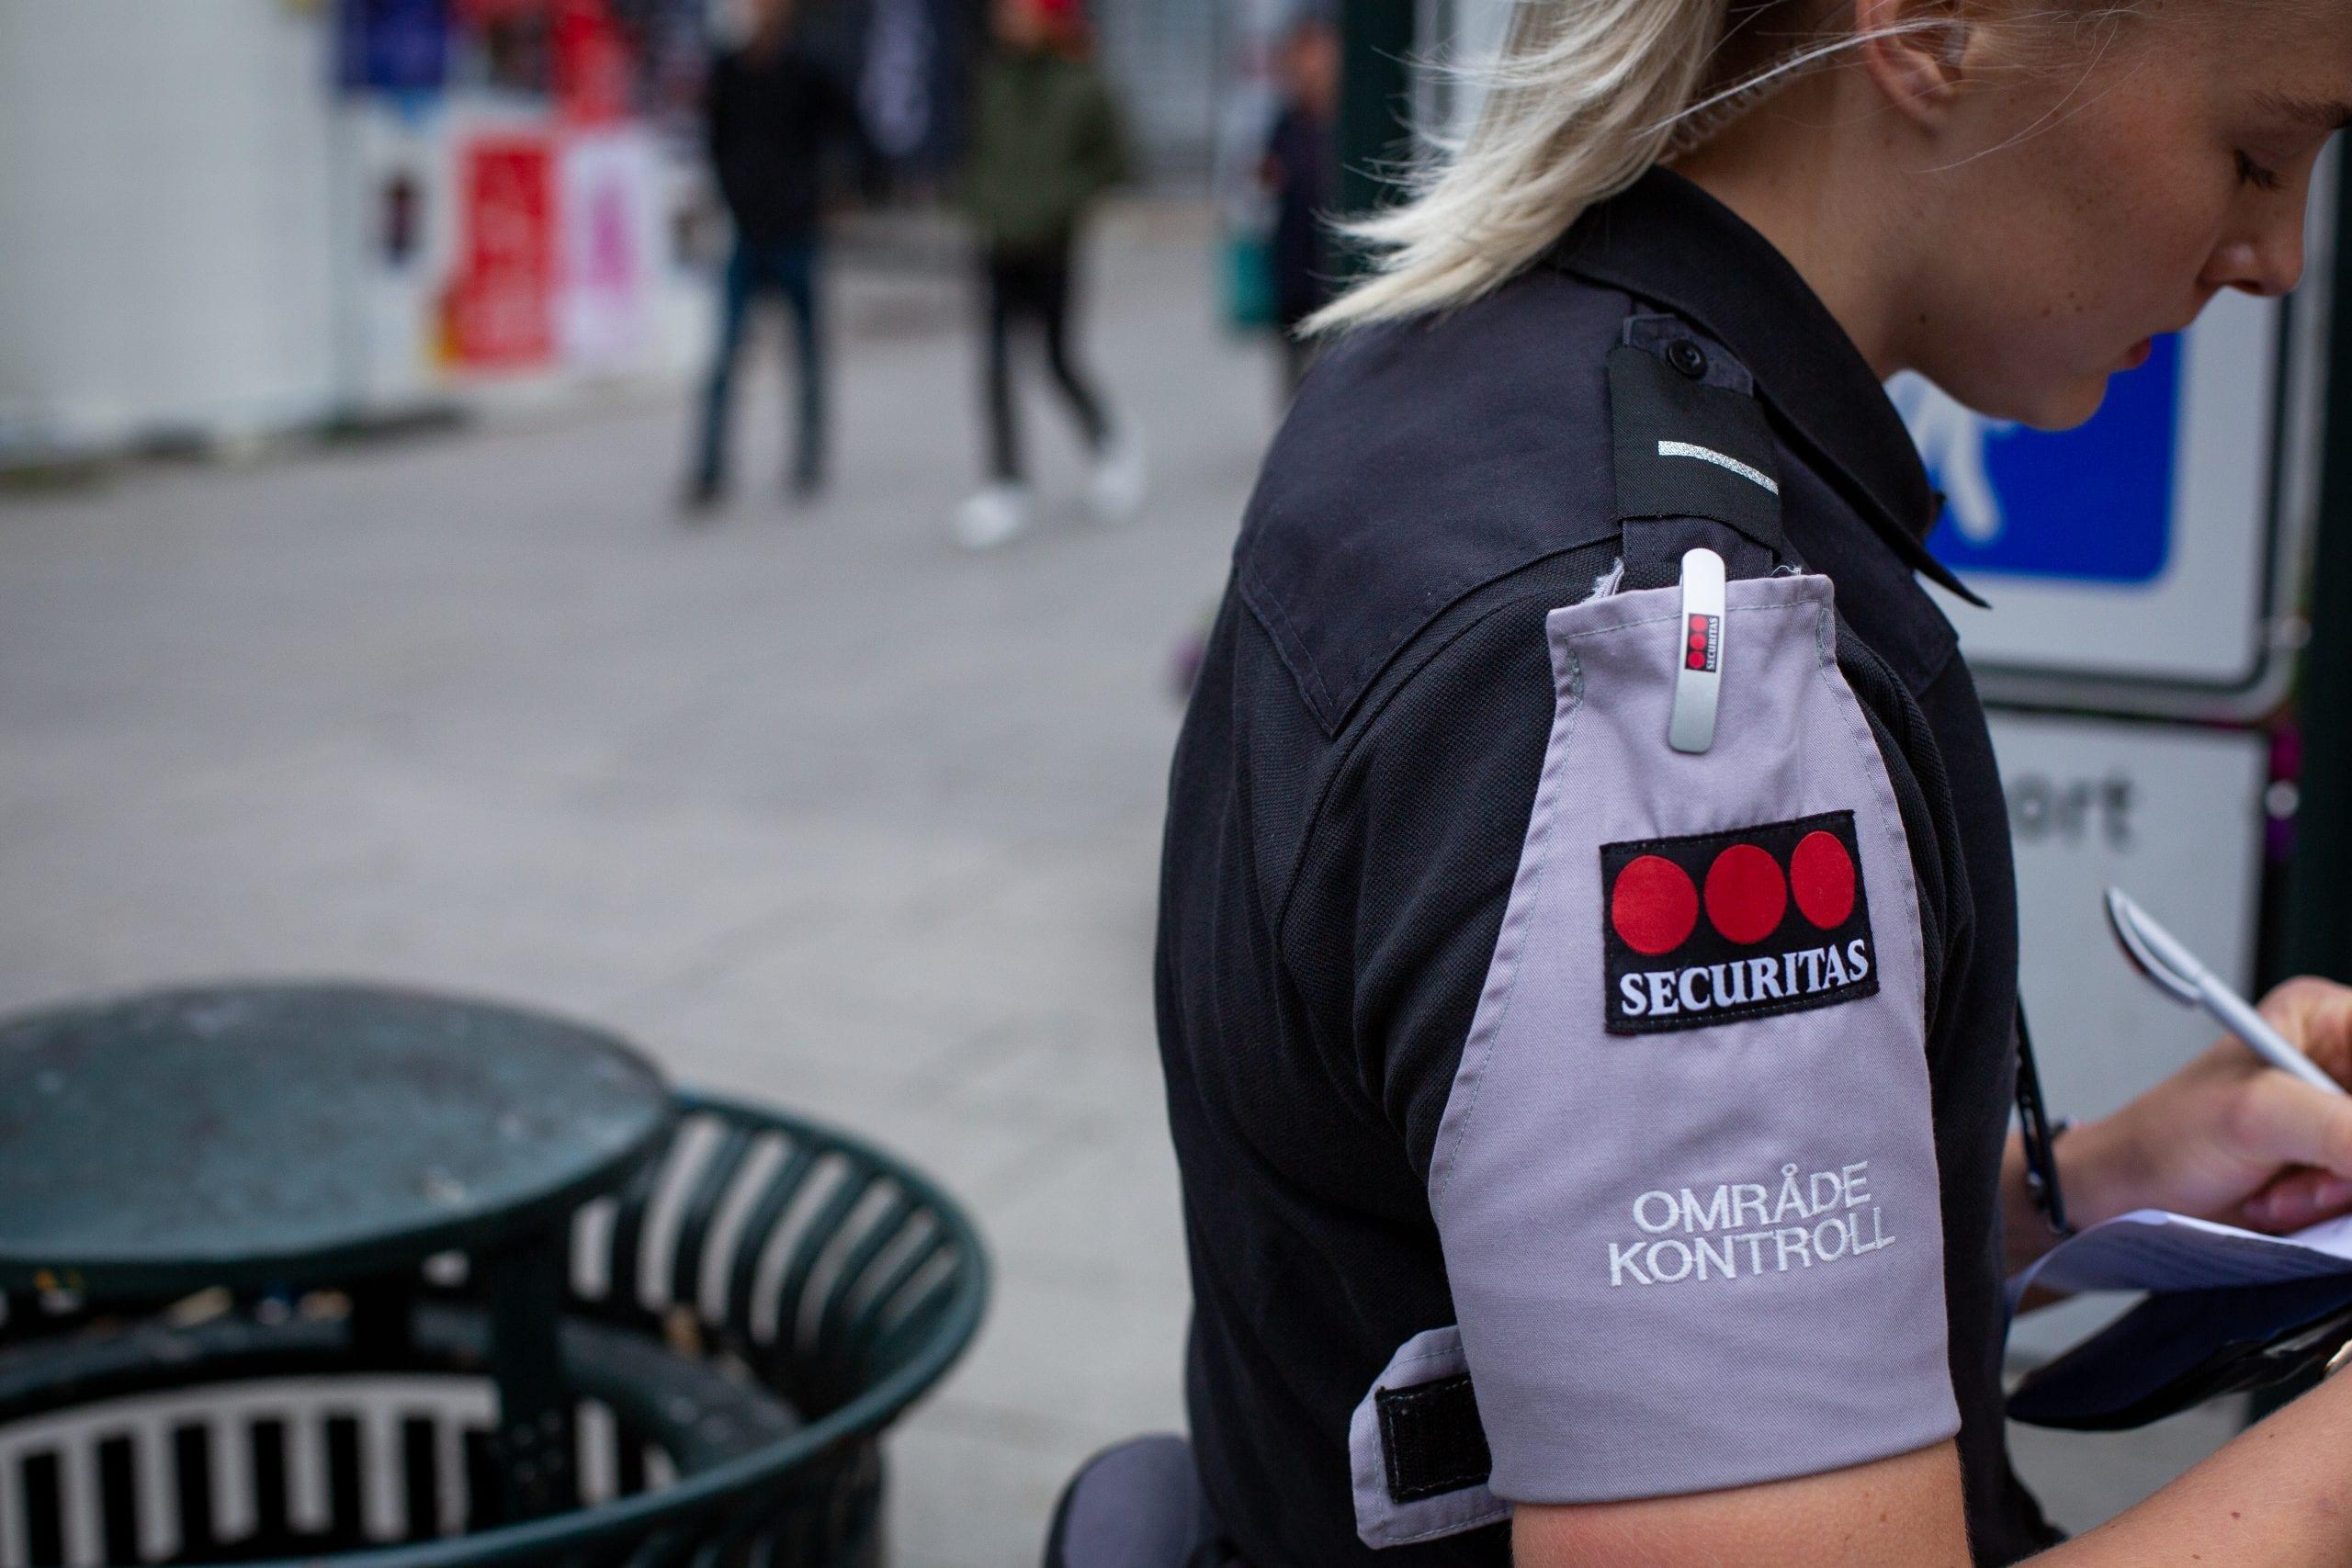 Securitas opplæring med politi og vekter-elevane Stord folkehøgskule